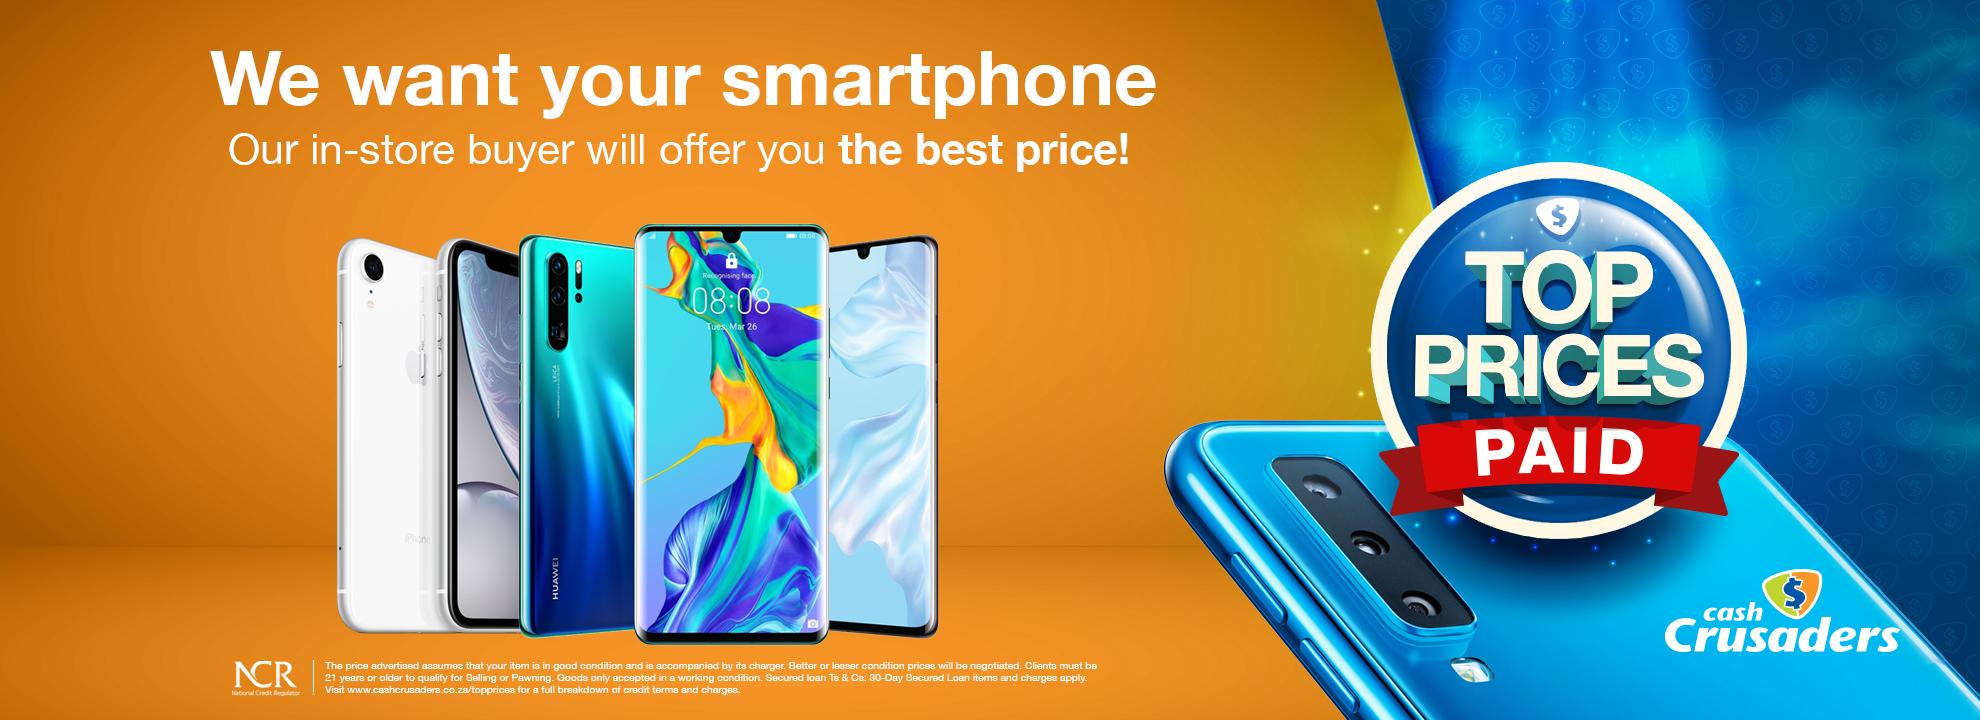 Top_Prices_Smart_Phones